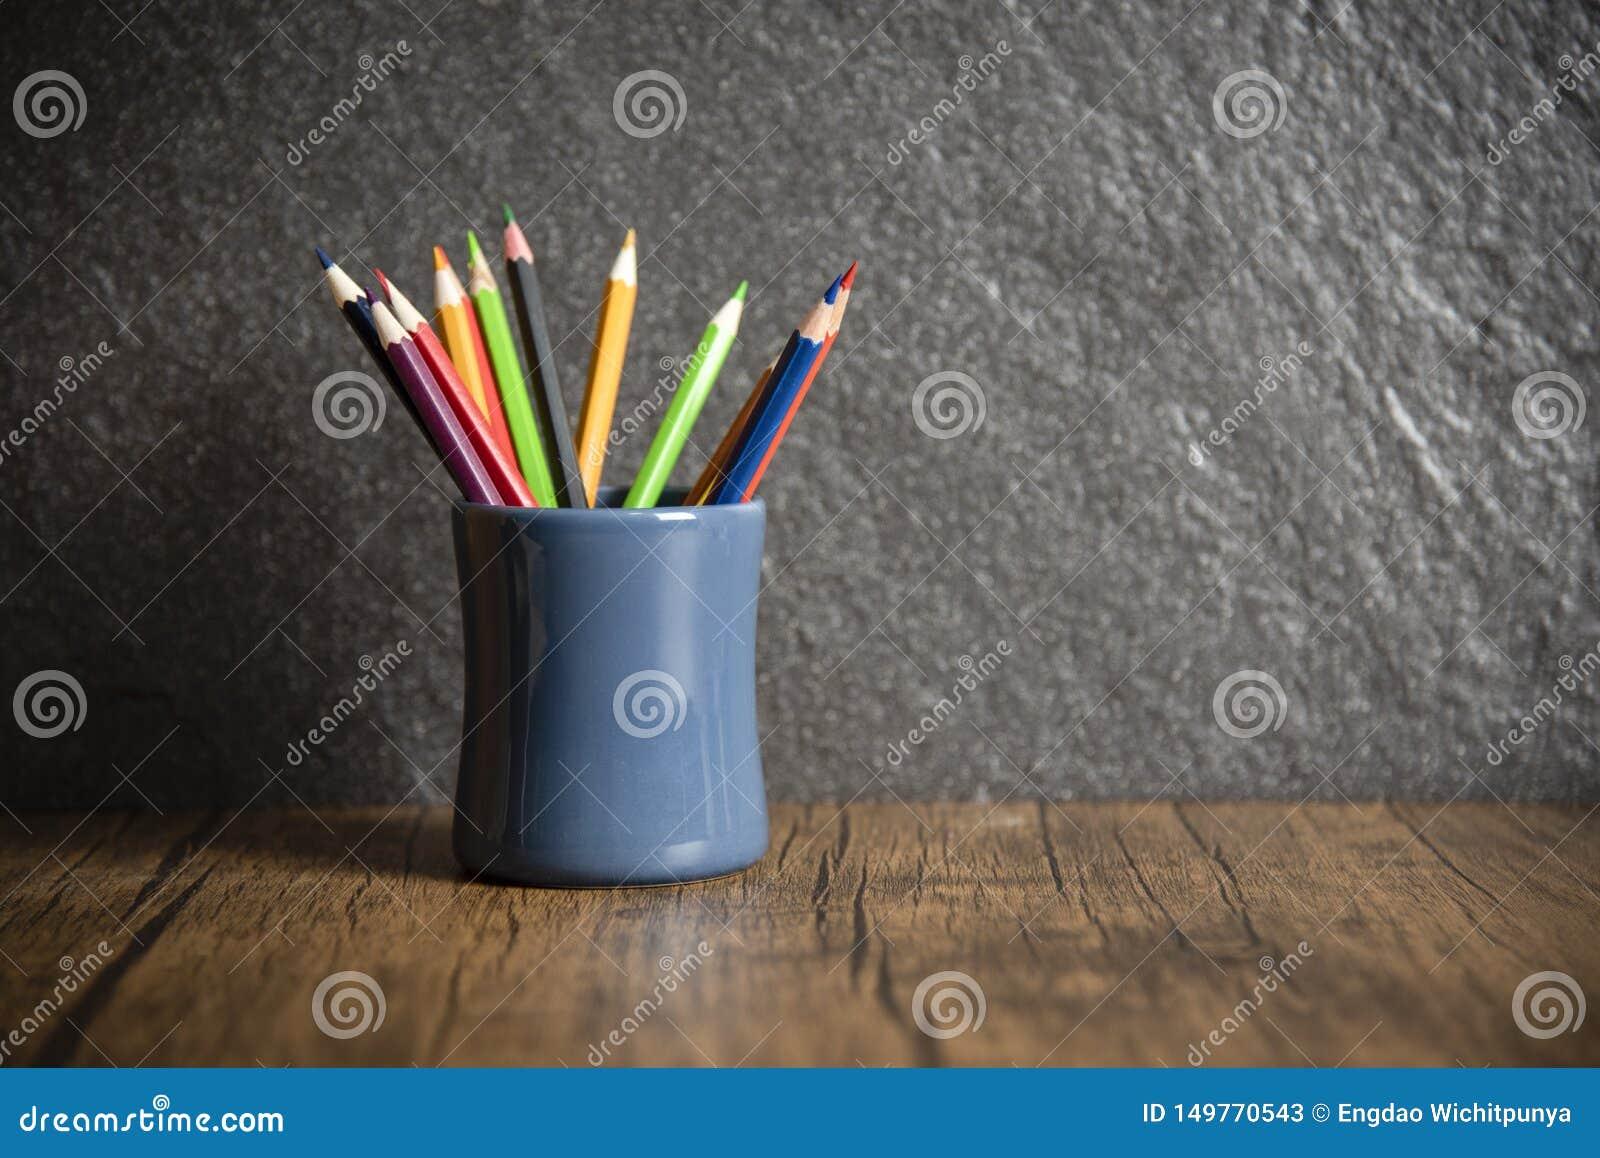 Εκπαίδευση και πίσω στη σχολική έννοια με τα μολύβια ζωηρόχρωμα σε μια περίπτωση μολυβιών στο σκοτεινό υπόβαθρο - ξύλινο κραγιόνι